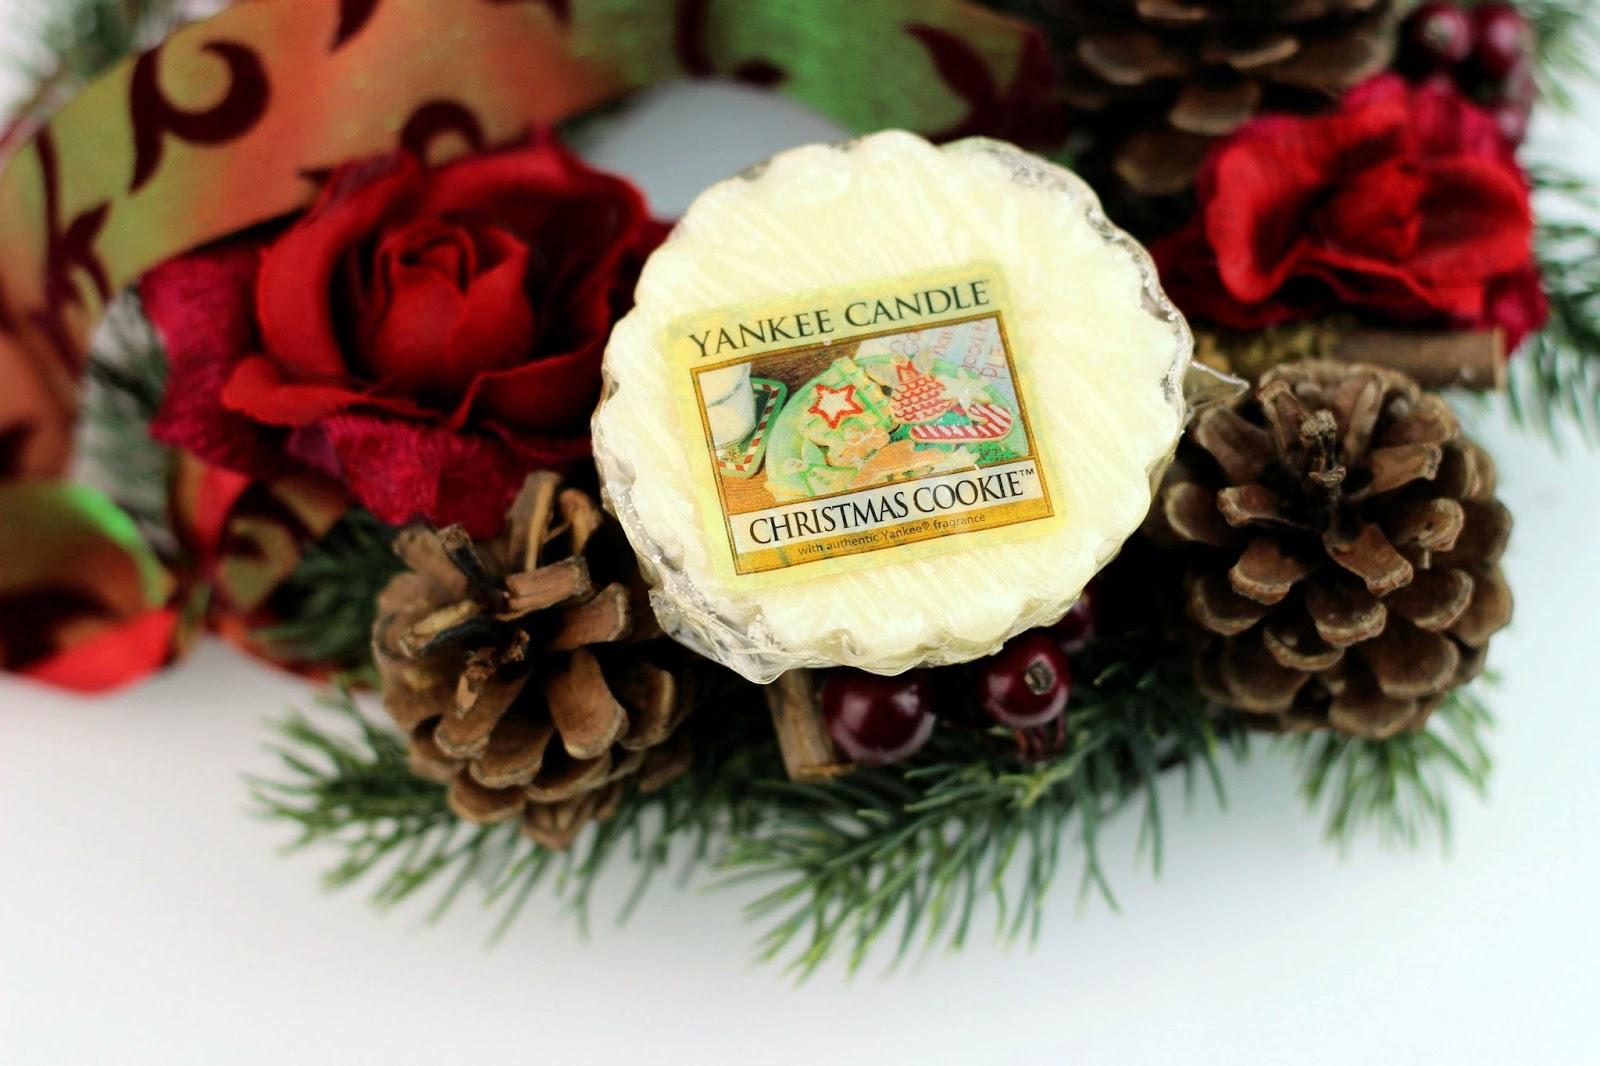 Adventskränzchen, blogger adventskalender, blogparade, Daylight, dufte weihnachten, duftkerzen, geschenkideen zu weihnachten, housewarmer, Kringle Candle, tart, weihnachtsdüfte, winterdüfte, yankee candle,